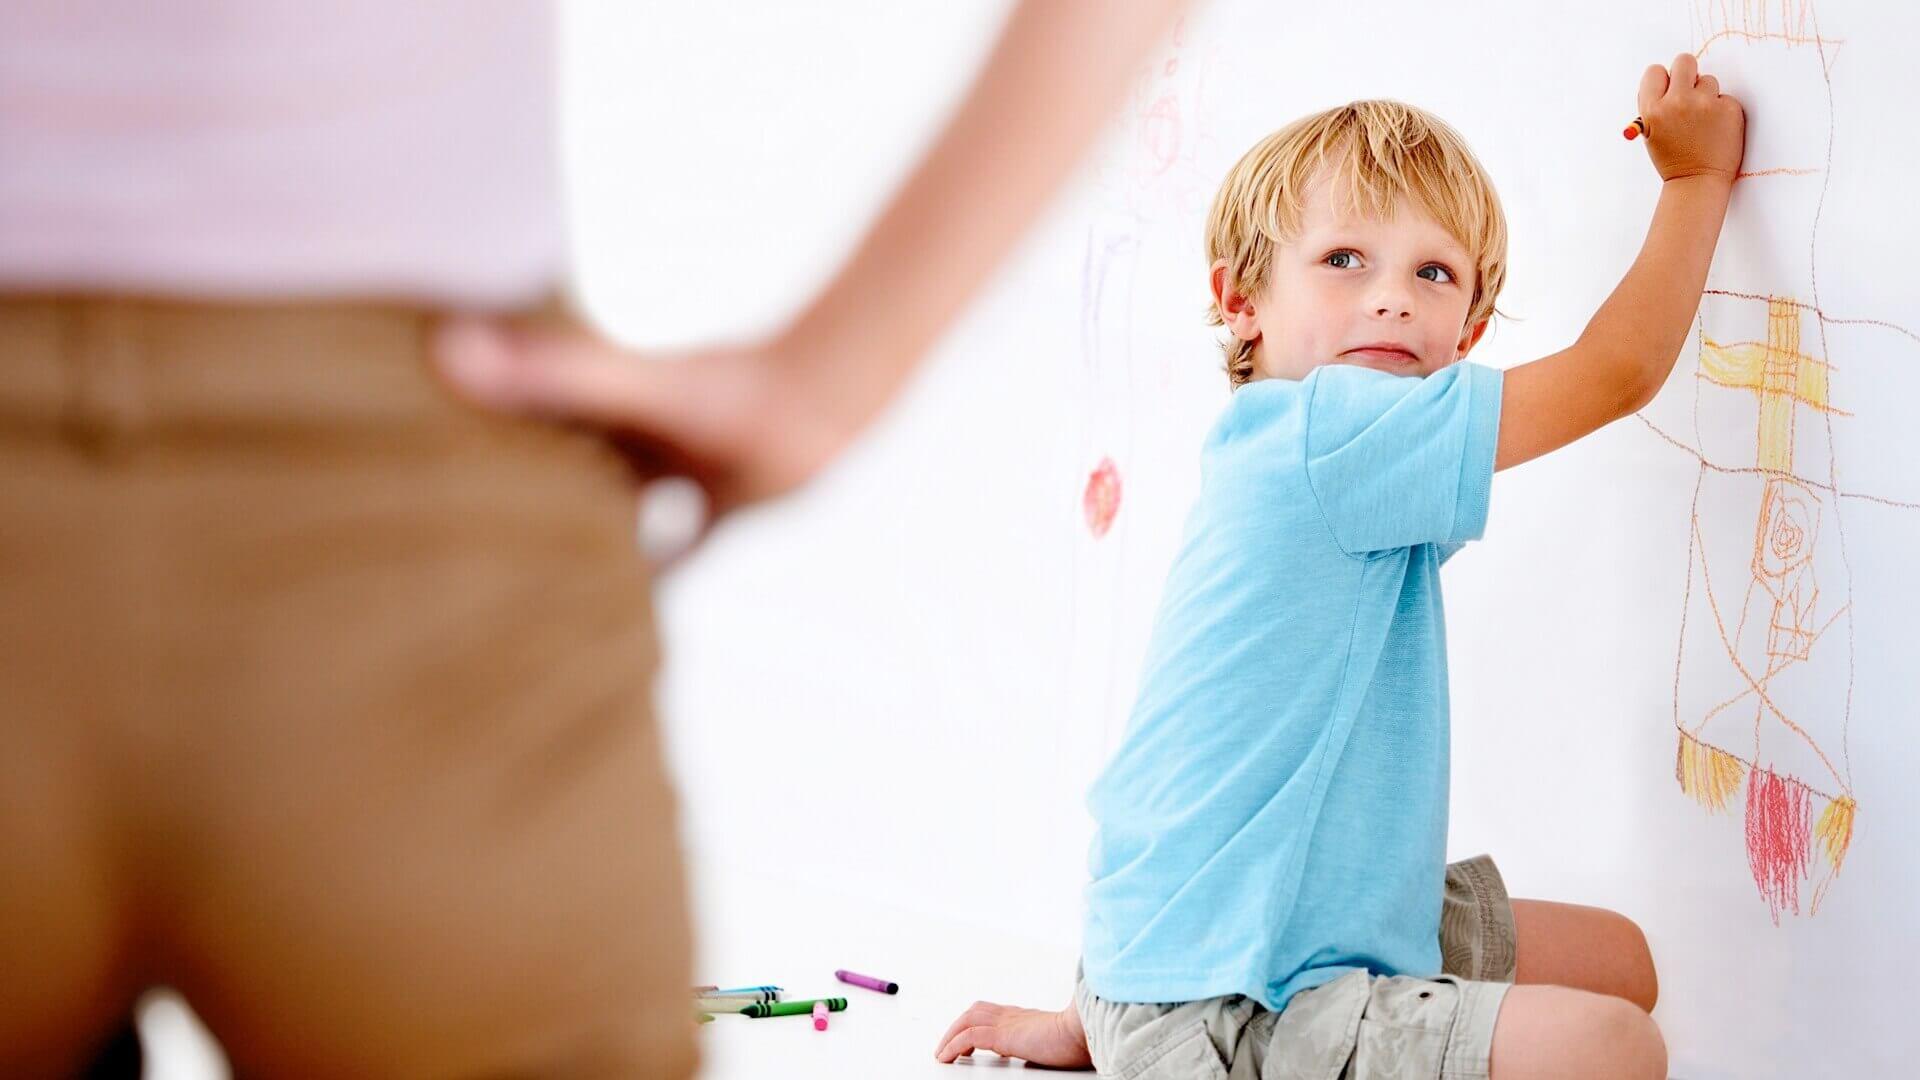 ✅ «спокойствие, только спокойствие», или почему нельзя кричать на ребёнка. как не кричать на ребенка когда он не слушается и научить его слышать взрослых - vse-znai.ru